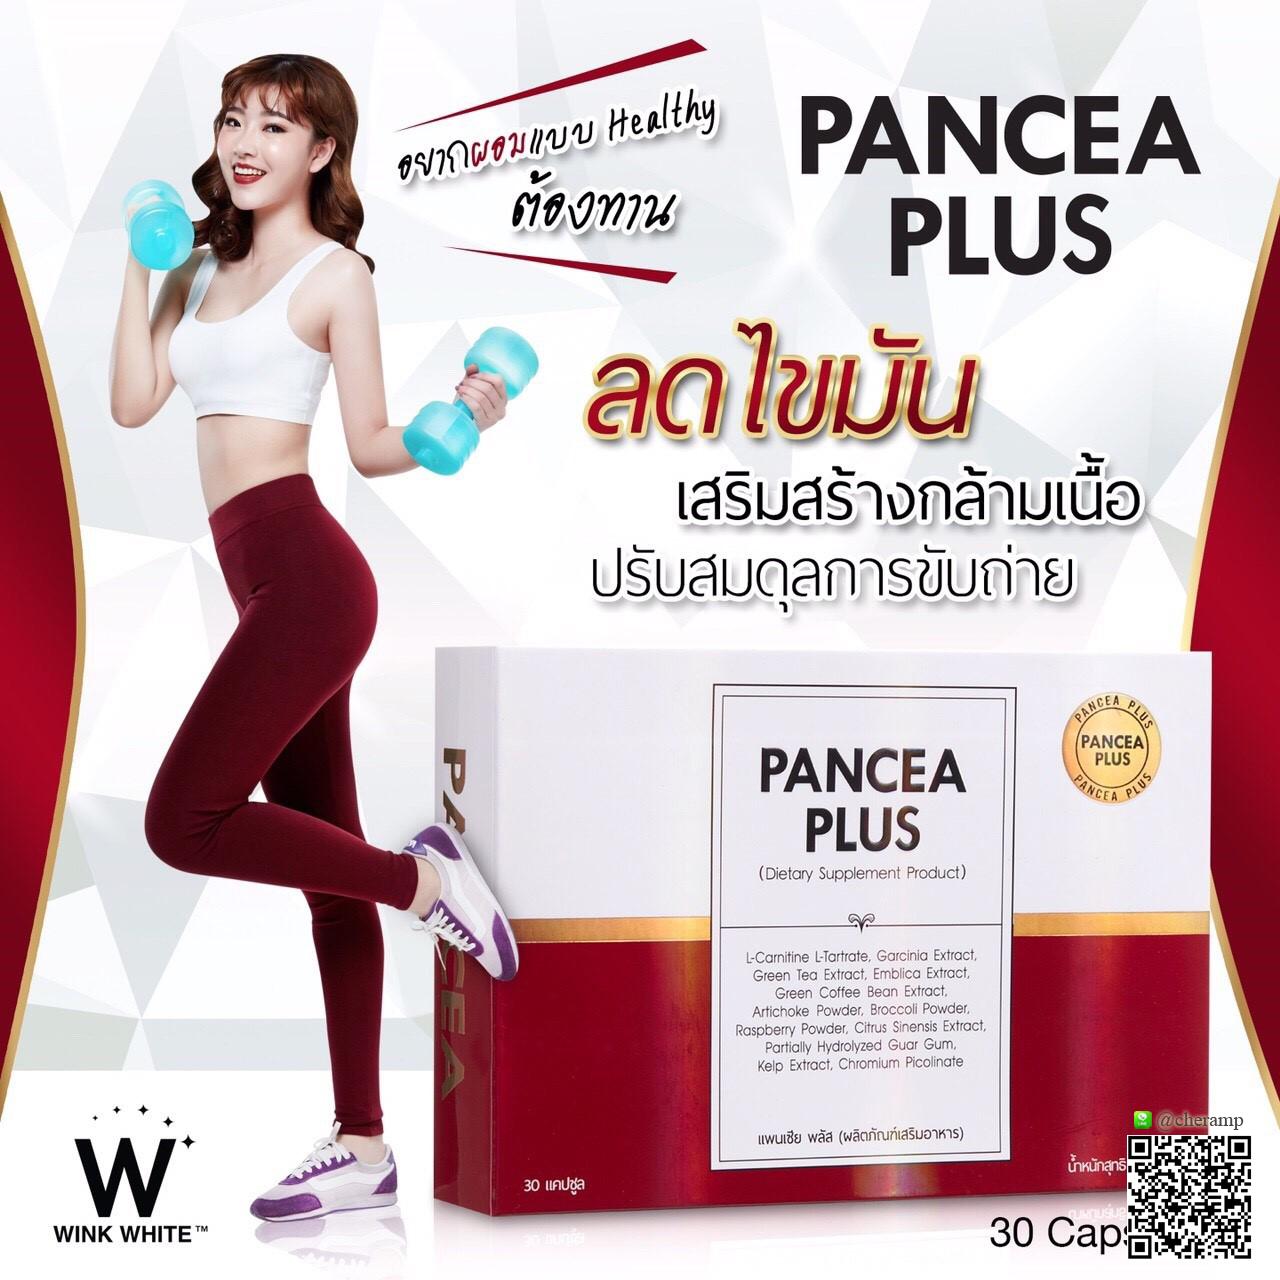 แพนเซีย พลัส ลดน้ำหนัก - PANCEA PLUS